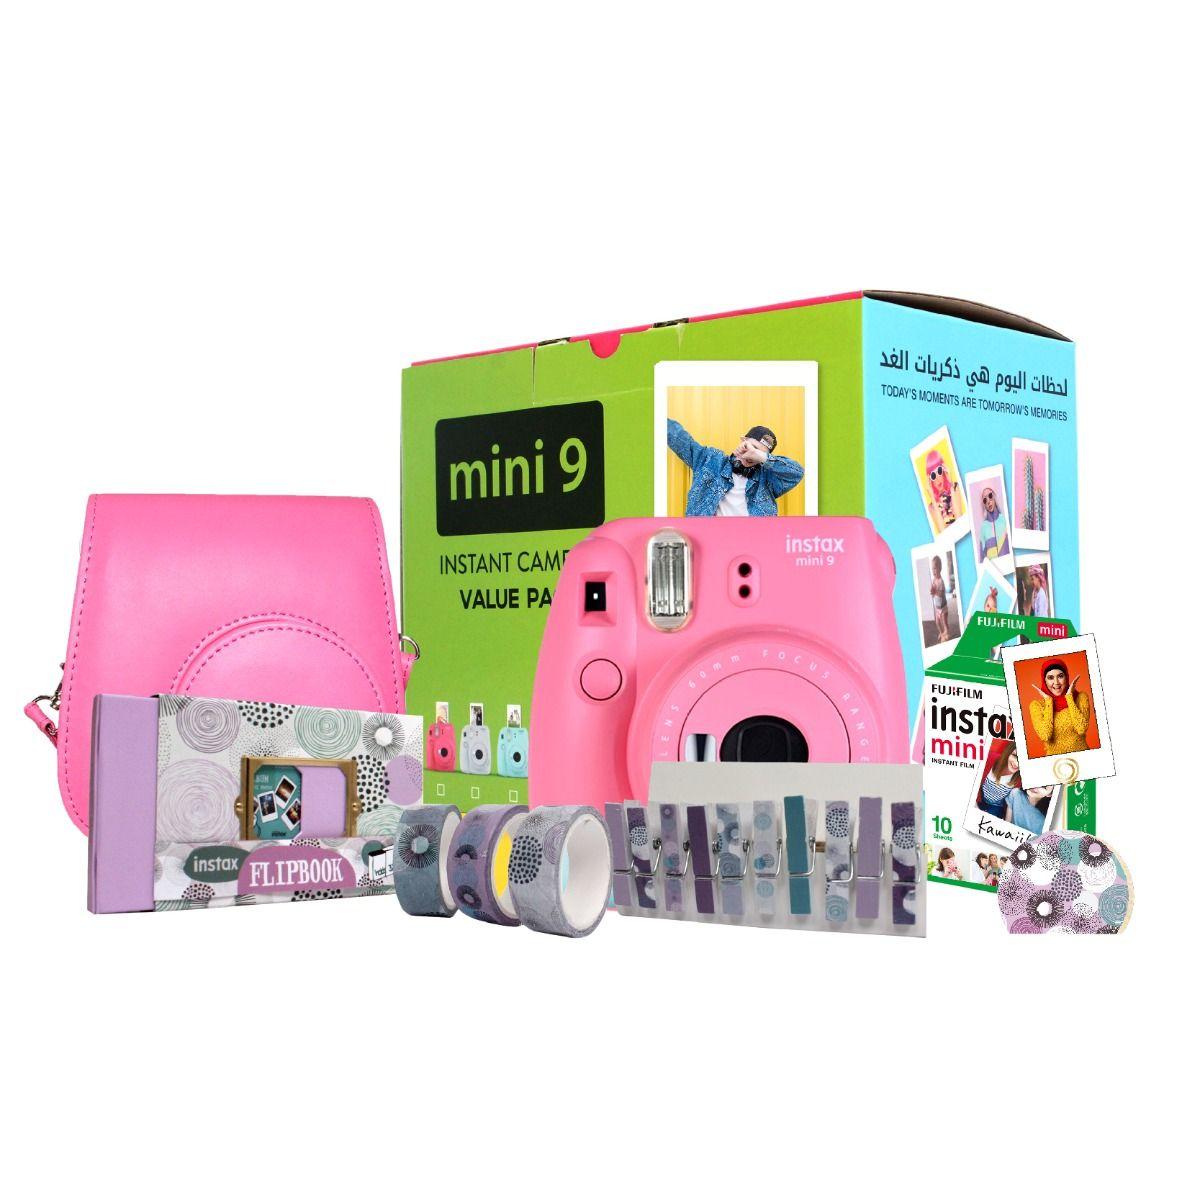 Fujifilm Instax Mini 9 Flamingo Pink Value Pack, Instax Mini 9 Offer